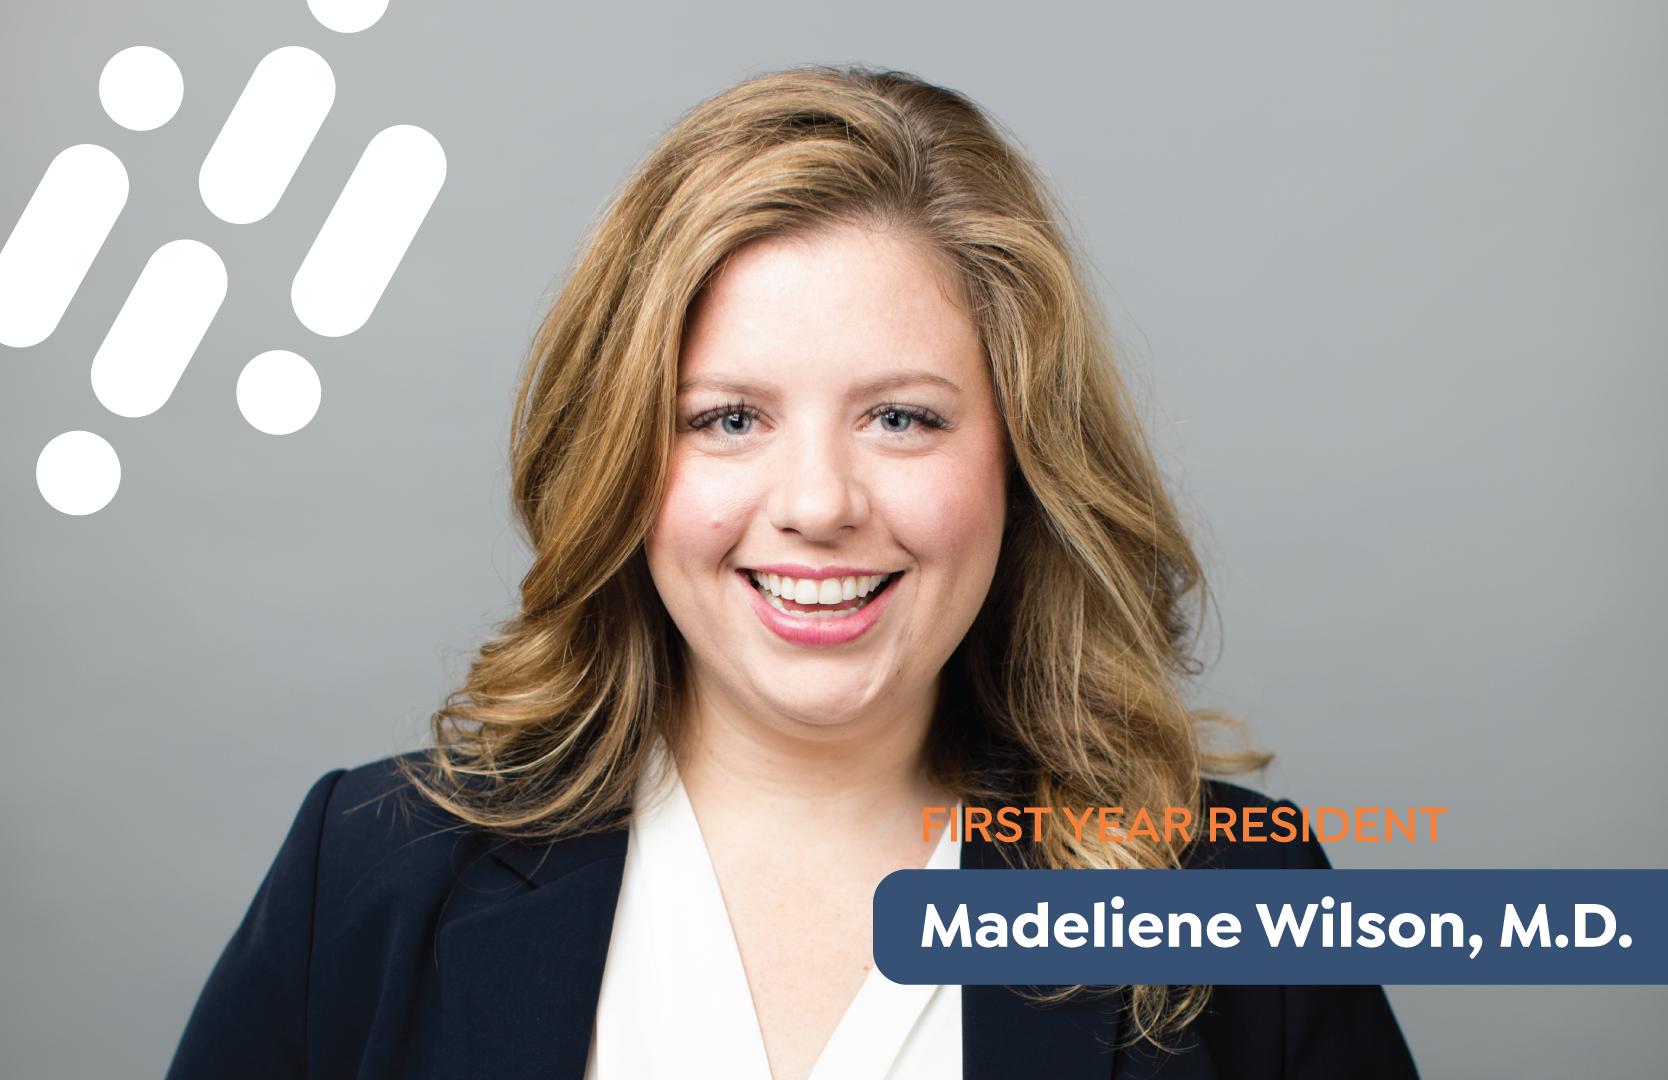 Dr. Madeliene Wilson